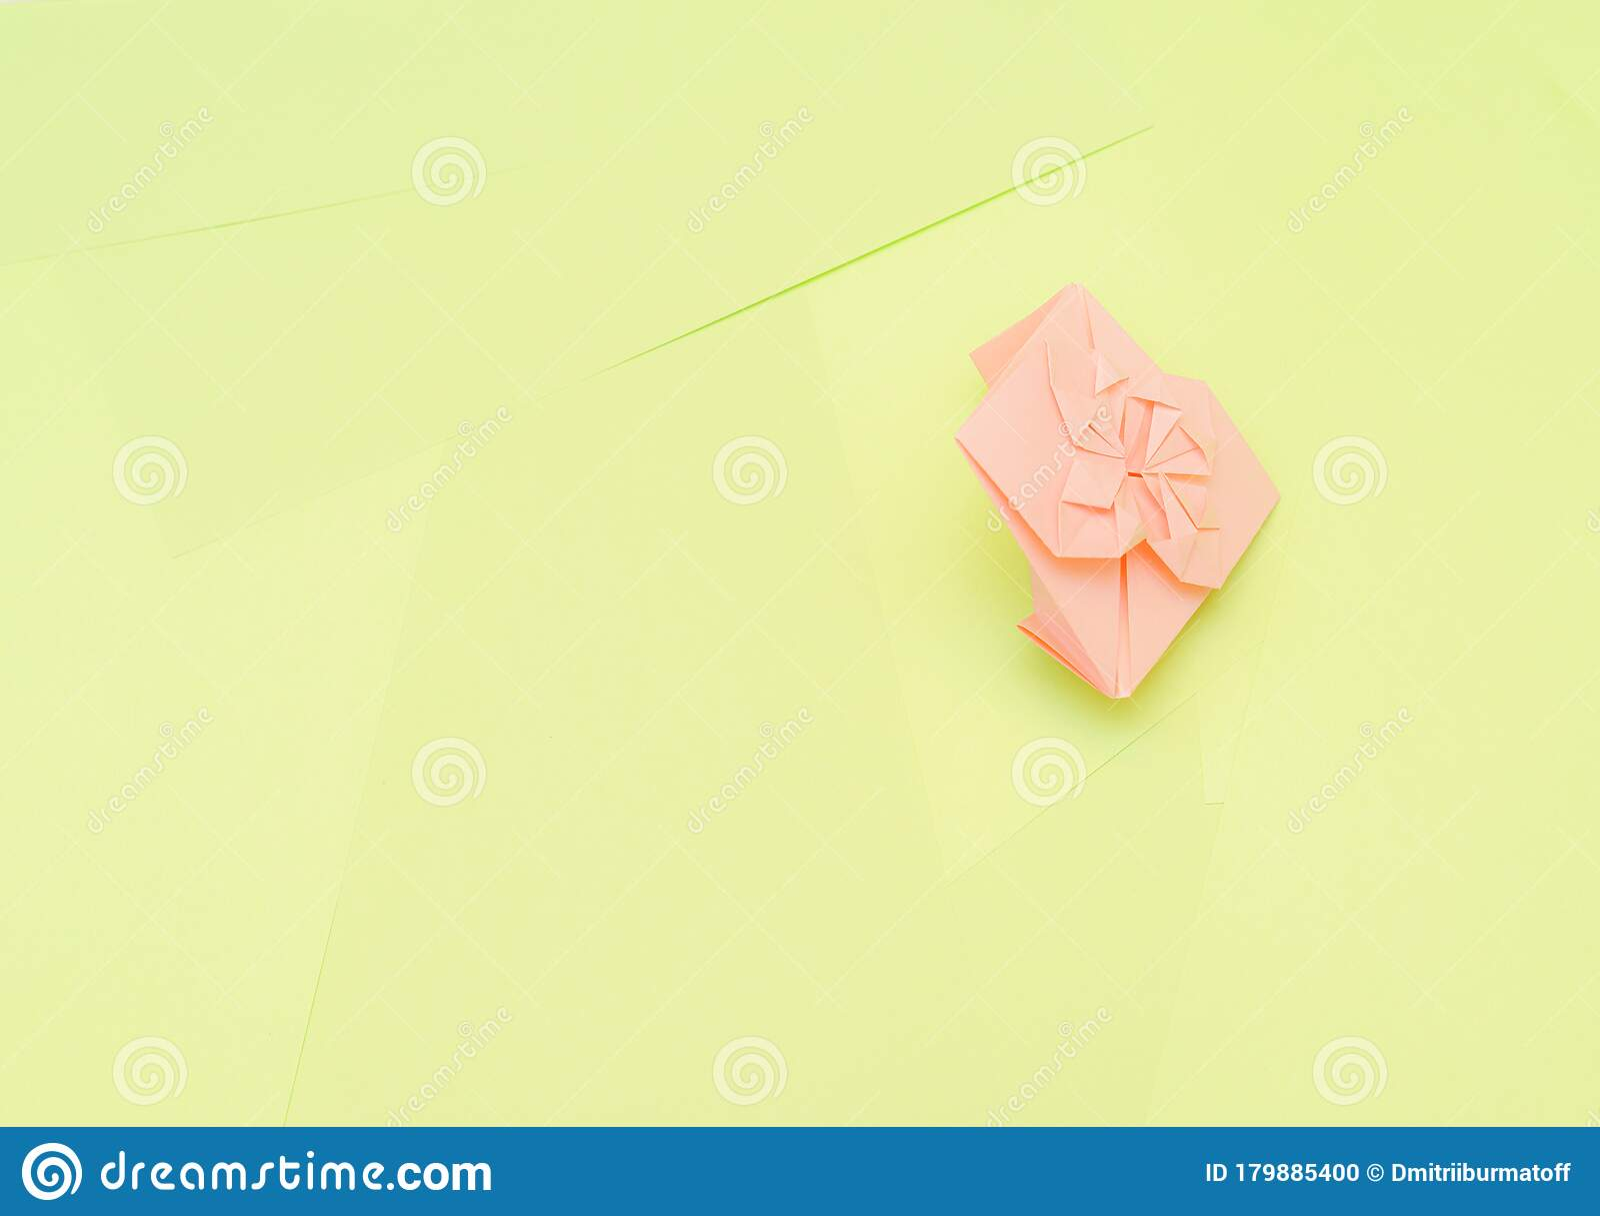 Instagram Inspiration | Valentine crafts, Valentines origami ... | 1215x1600